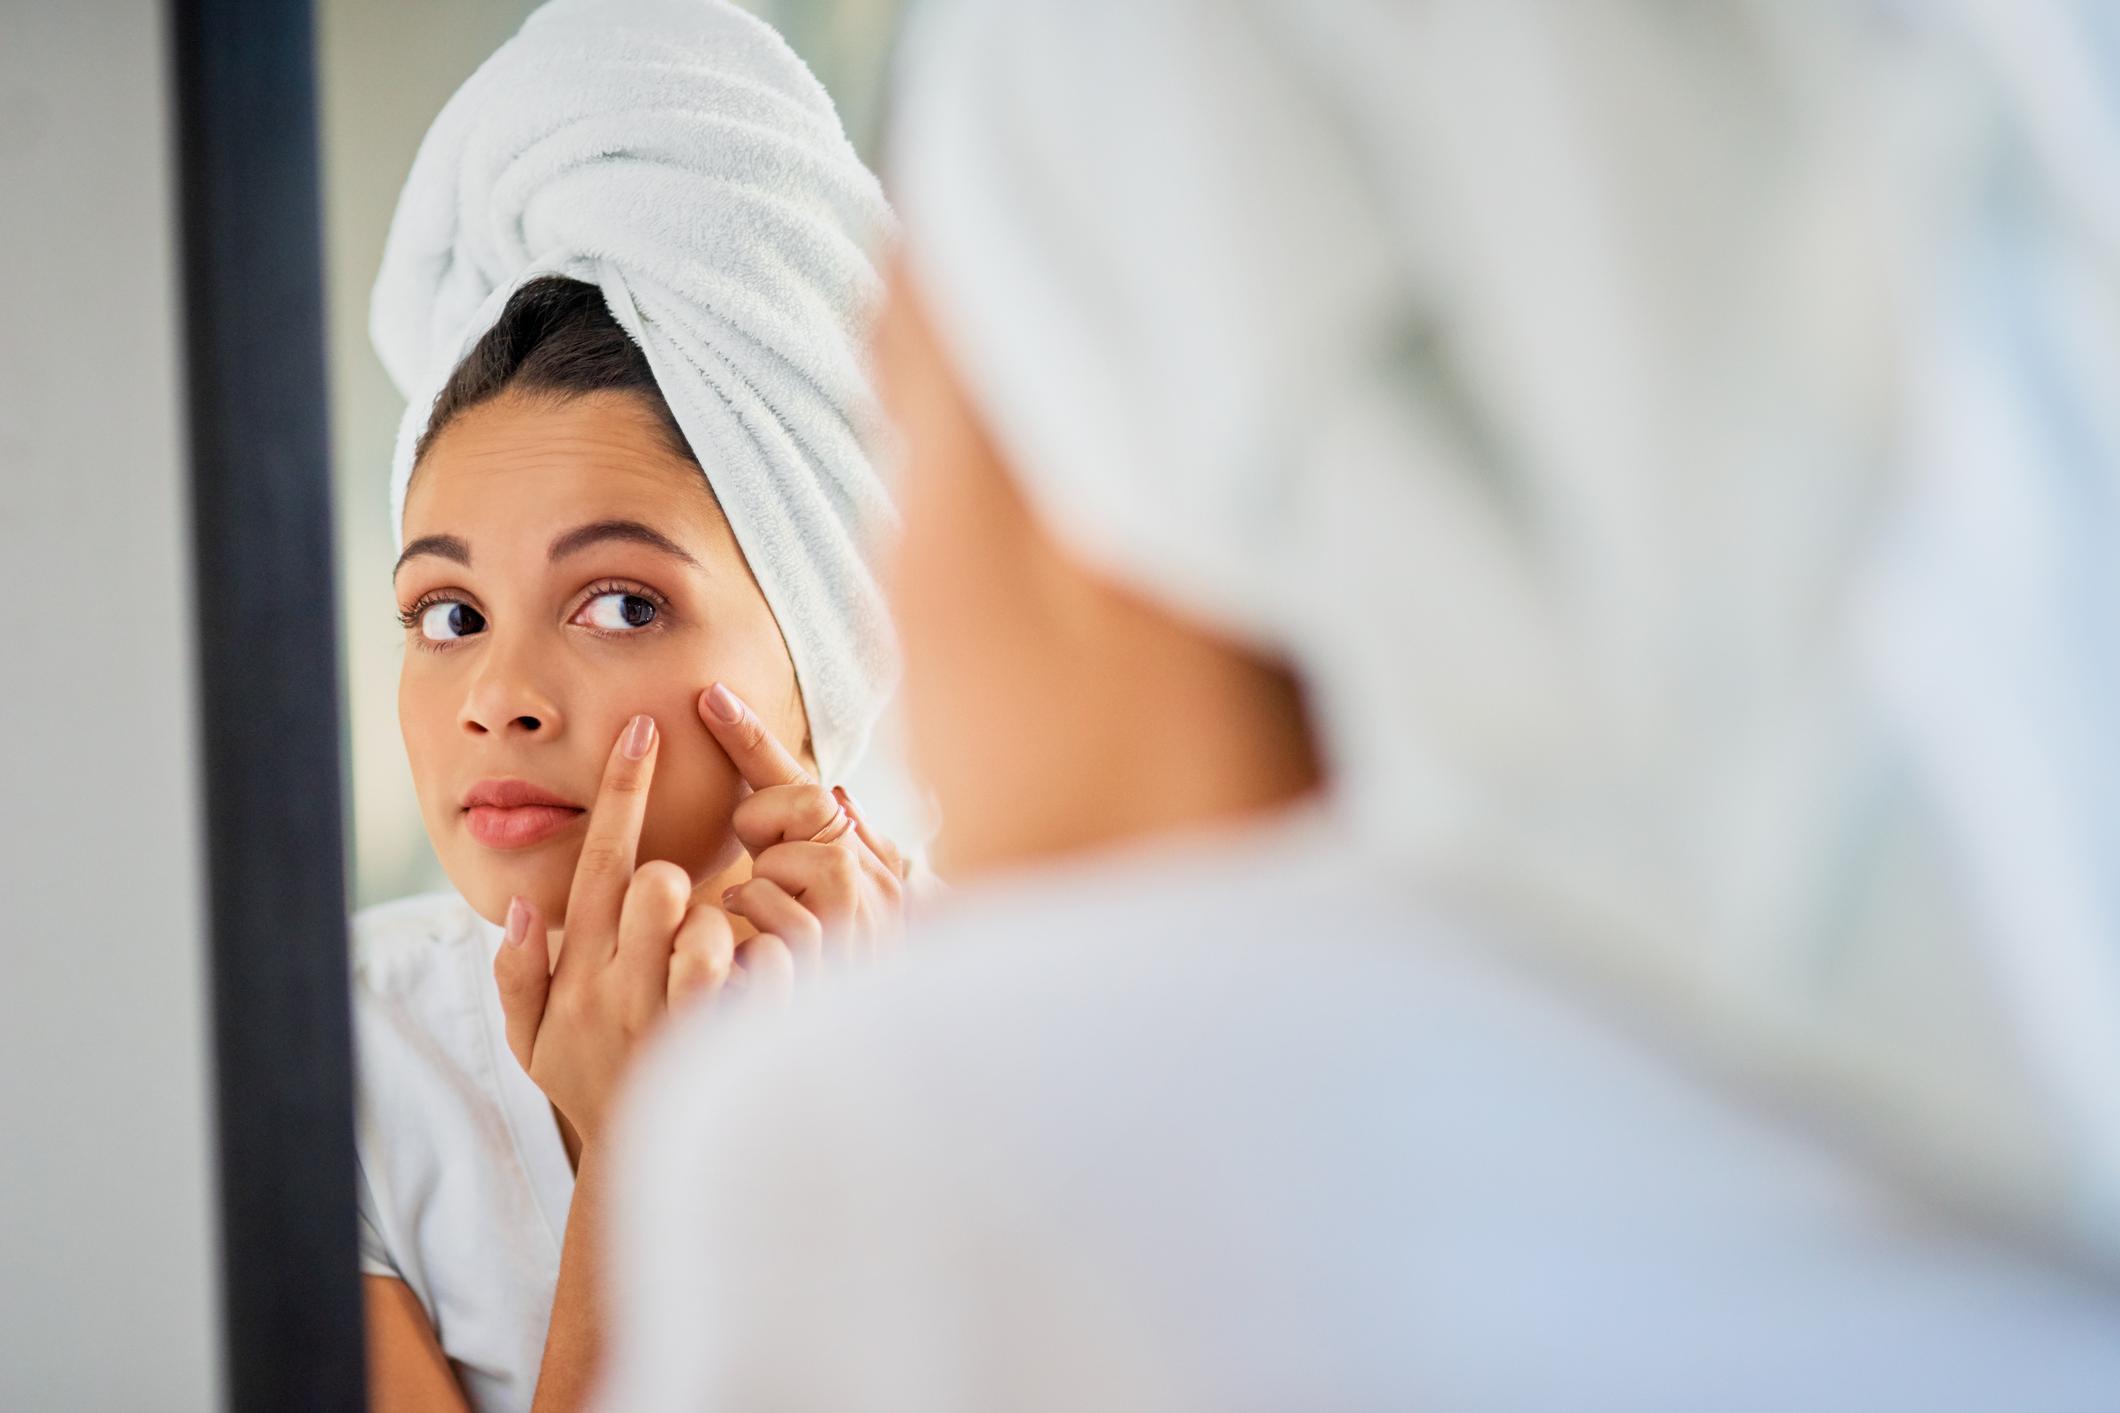 En liquidation femme nouvelles photos Remèdes à la maison pour les taches noires sur votre visage ...